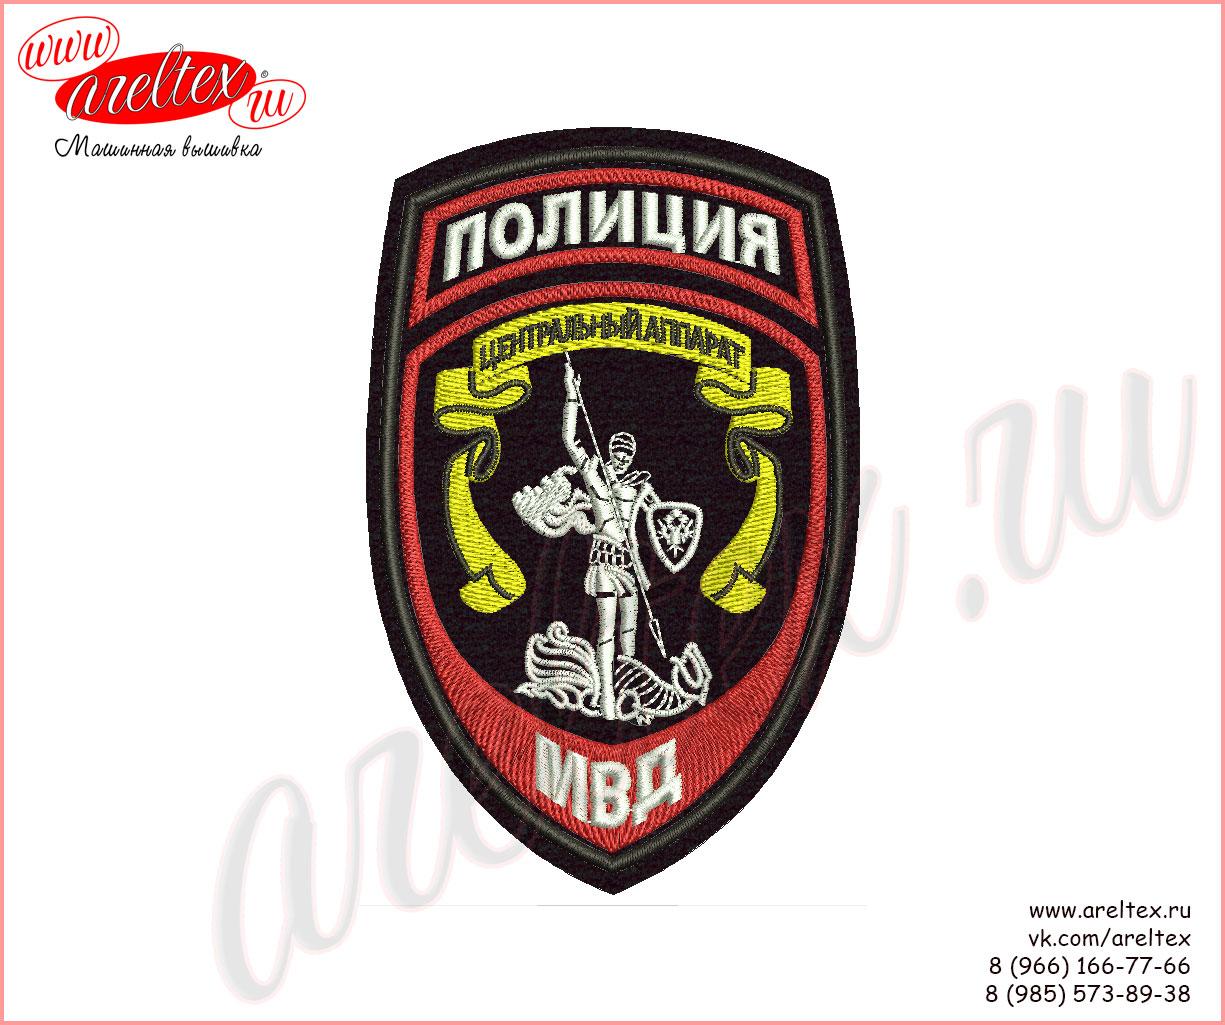 Вышитый нарукавный шеврон для сотрудников центрального аппарата МВД России